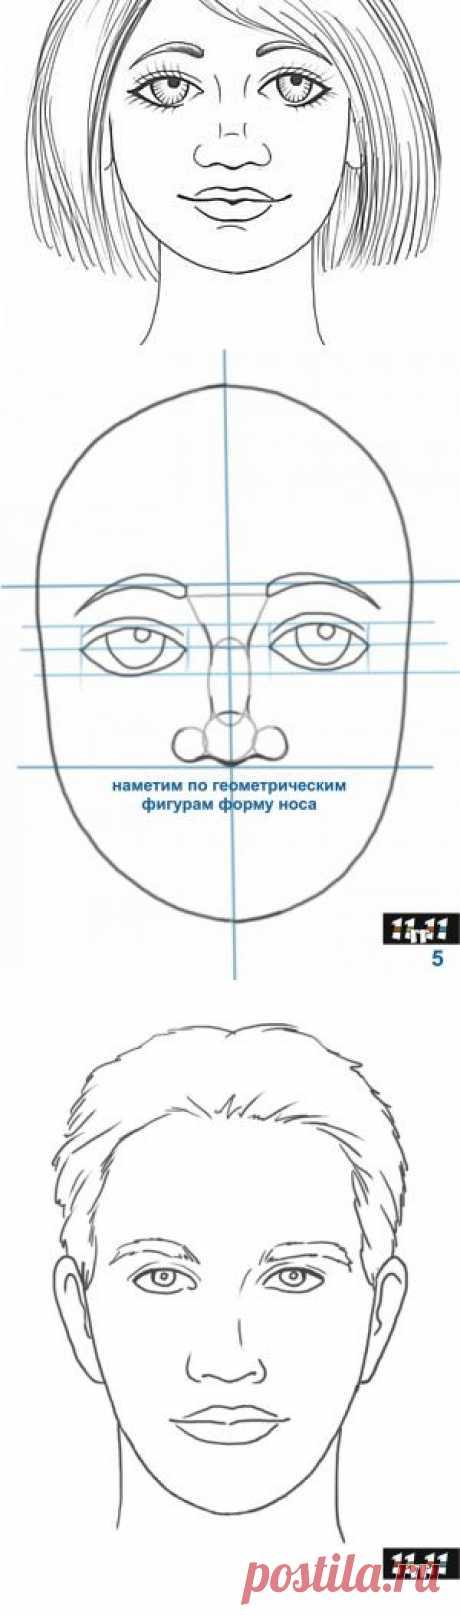 """Рисуем """"лицо"""" с детьми - Ярмарка Мастеров - ручная работа, handmade"""